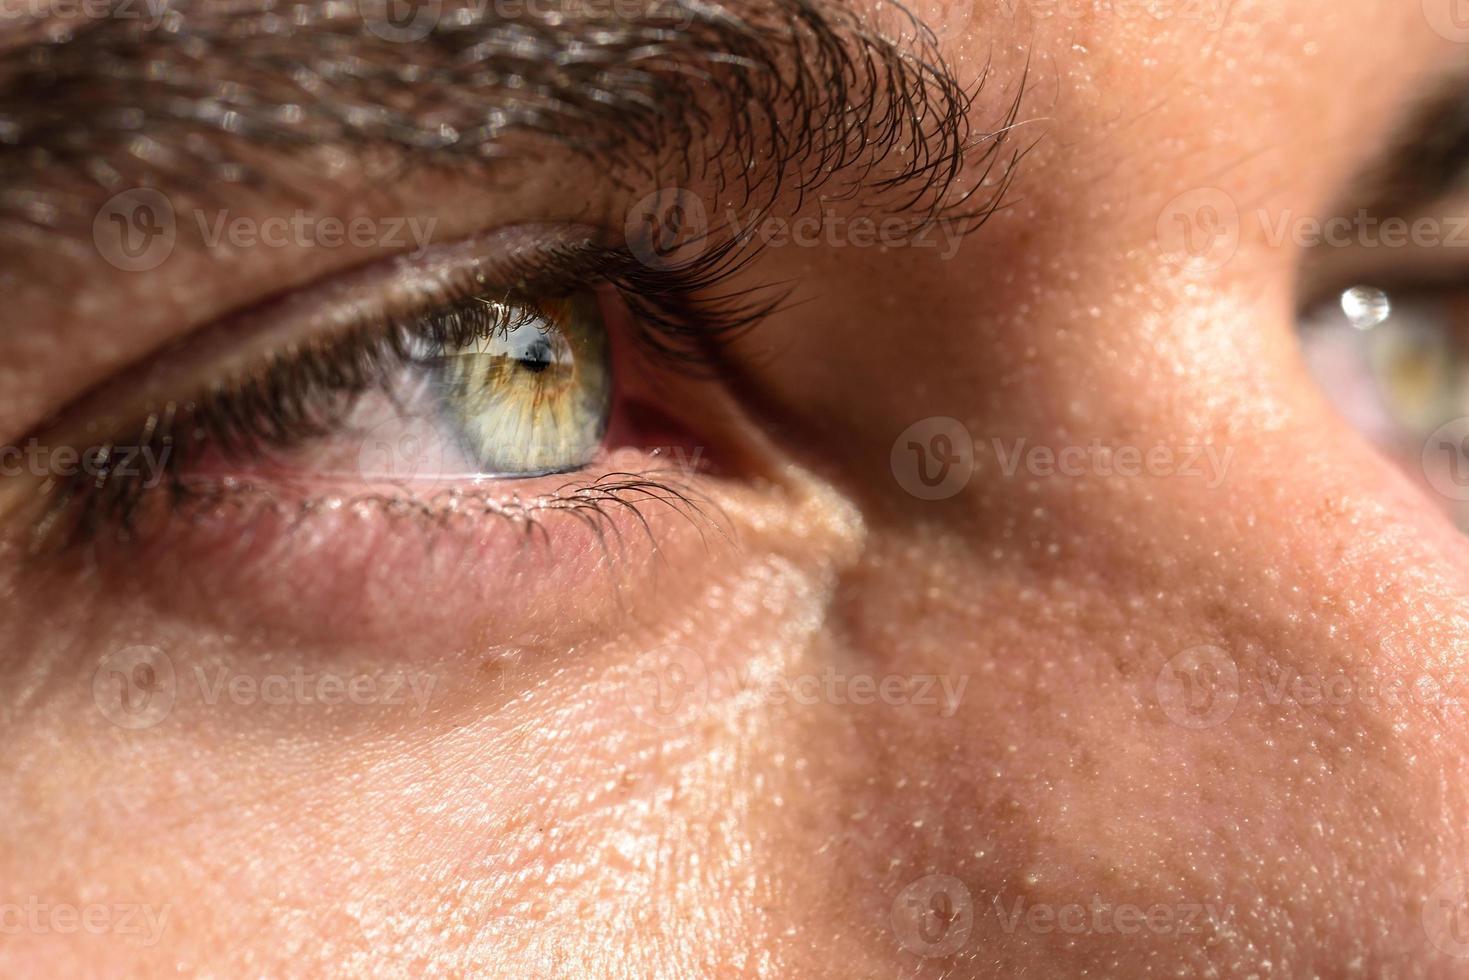 colpo a macroistruzione dell'occhio dell'uomo foto